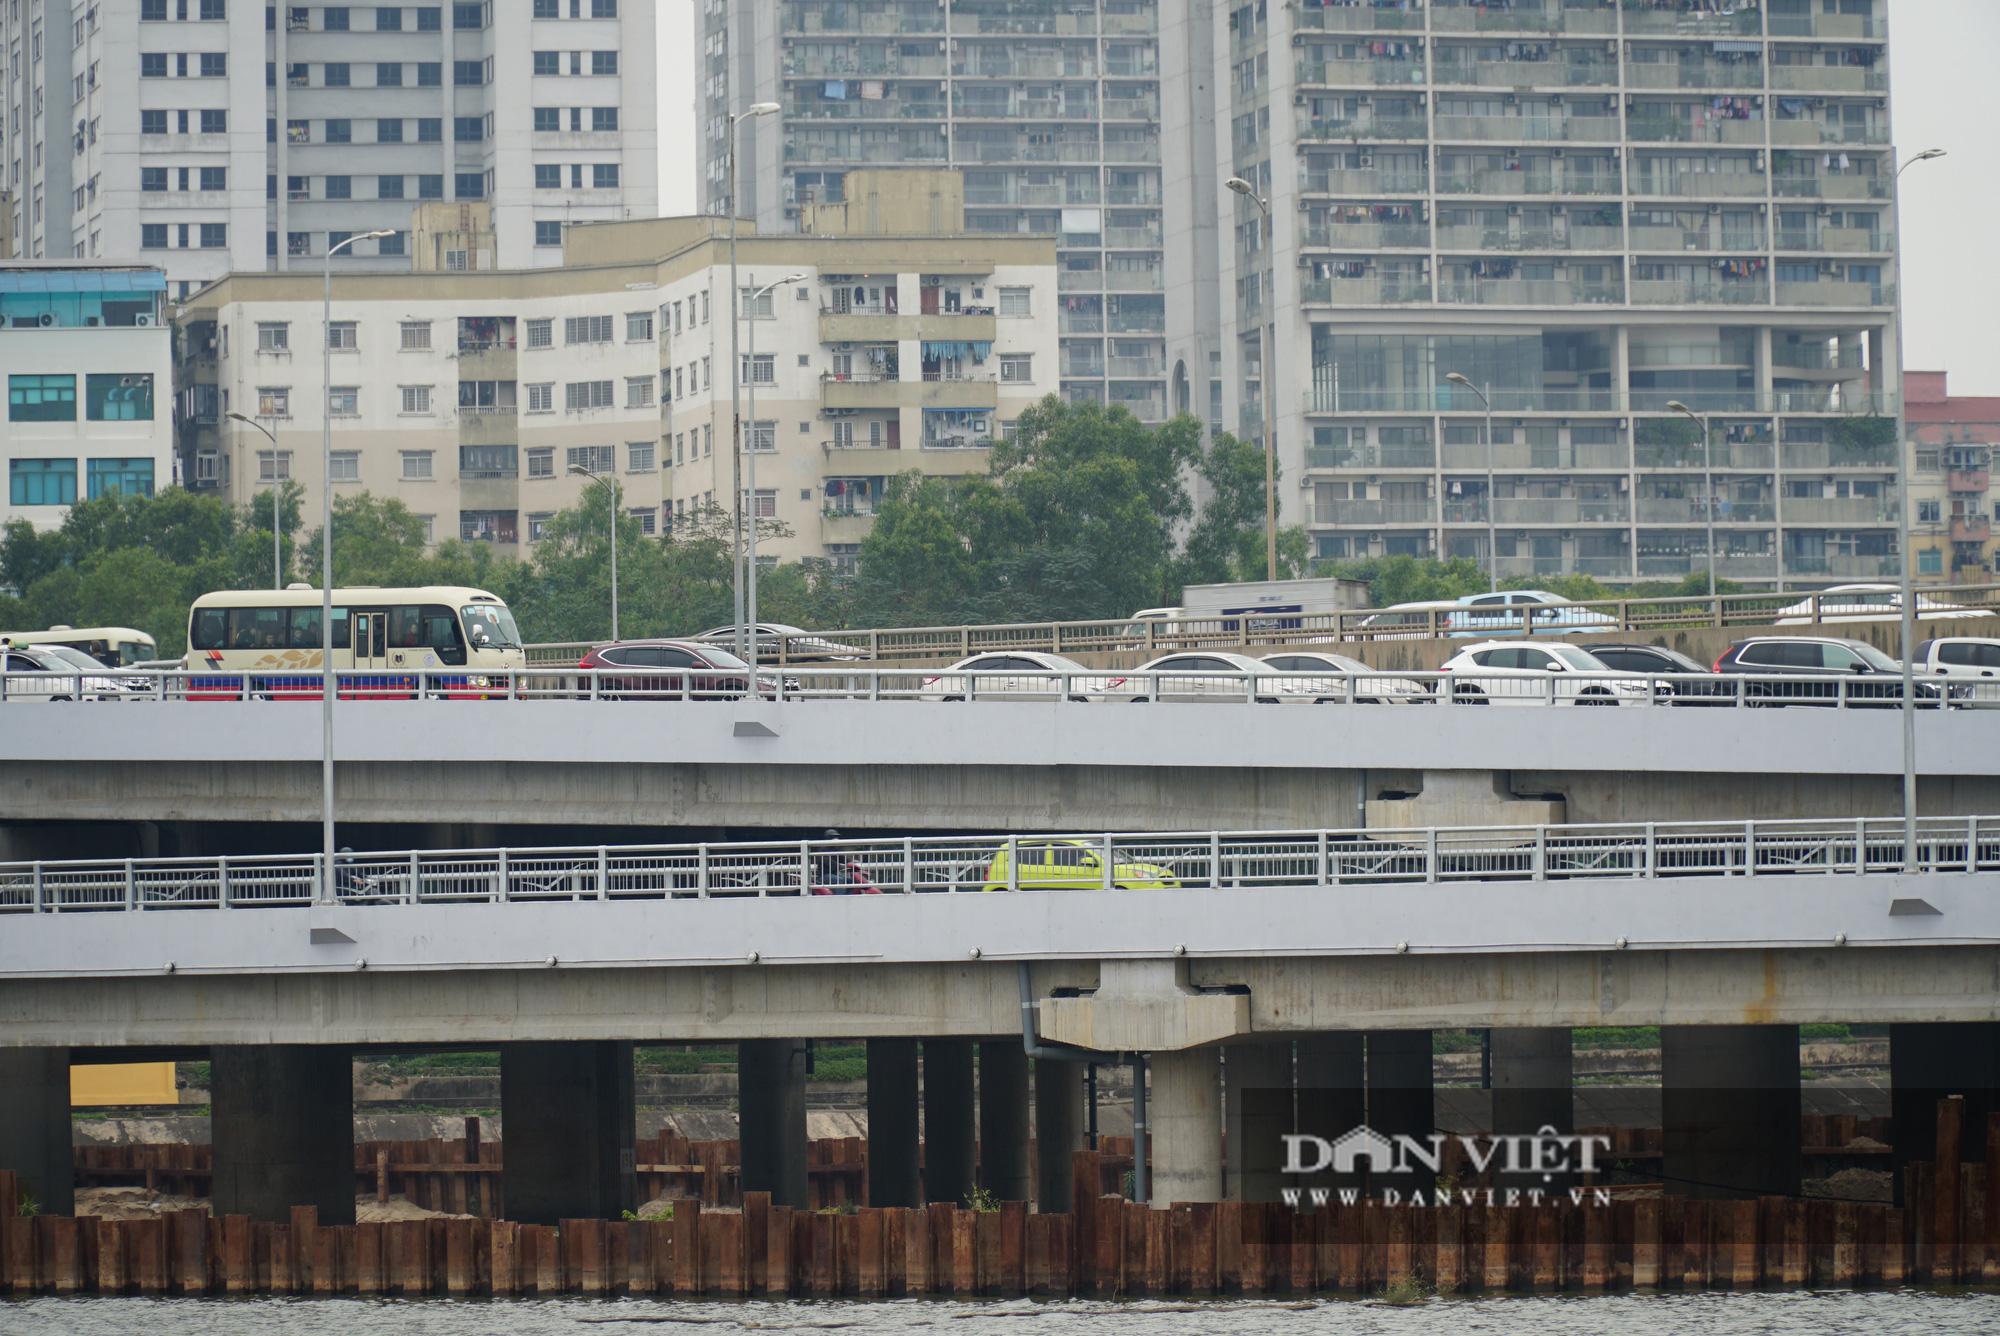 Cửa ngõ Thủ đô ùn tắc gần chục cây số sau khi kết thúc kỳ nghỉ Tết Dương lịch - Ảnh 13.